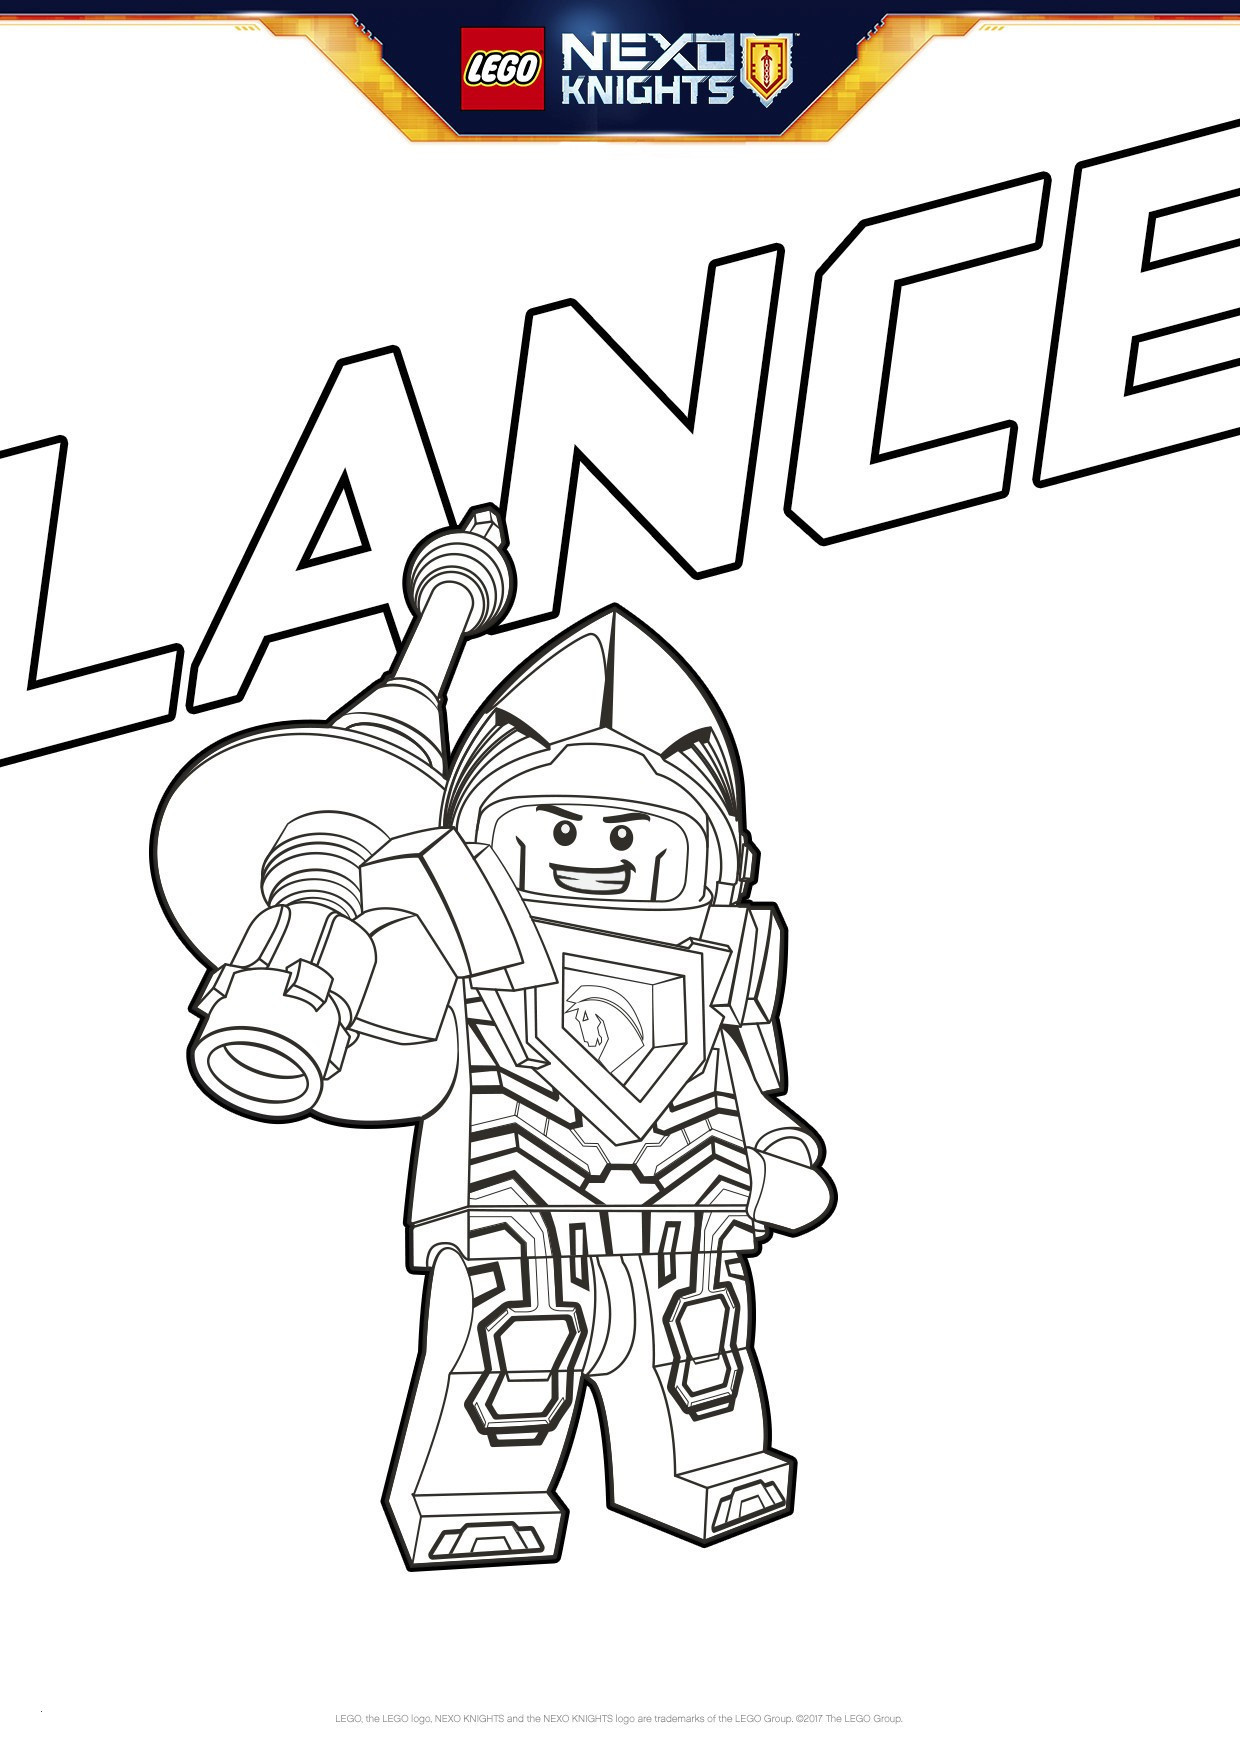 Ausmalbild Lego Batman Einzigartig 32 Malvorlagen Lego Nexo Knights forstergallery Sammlung